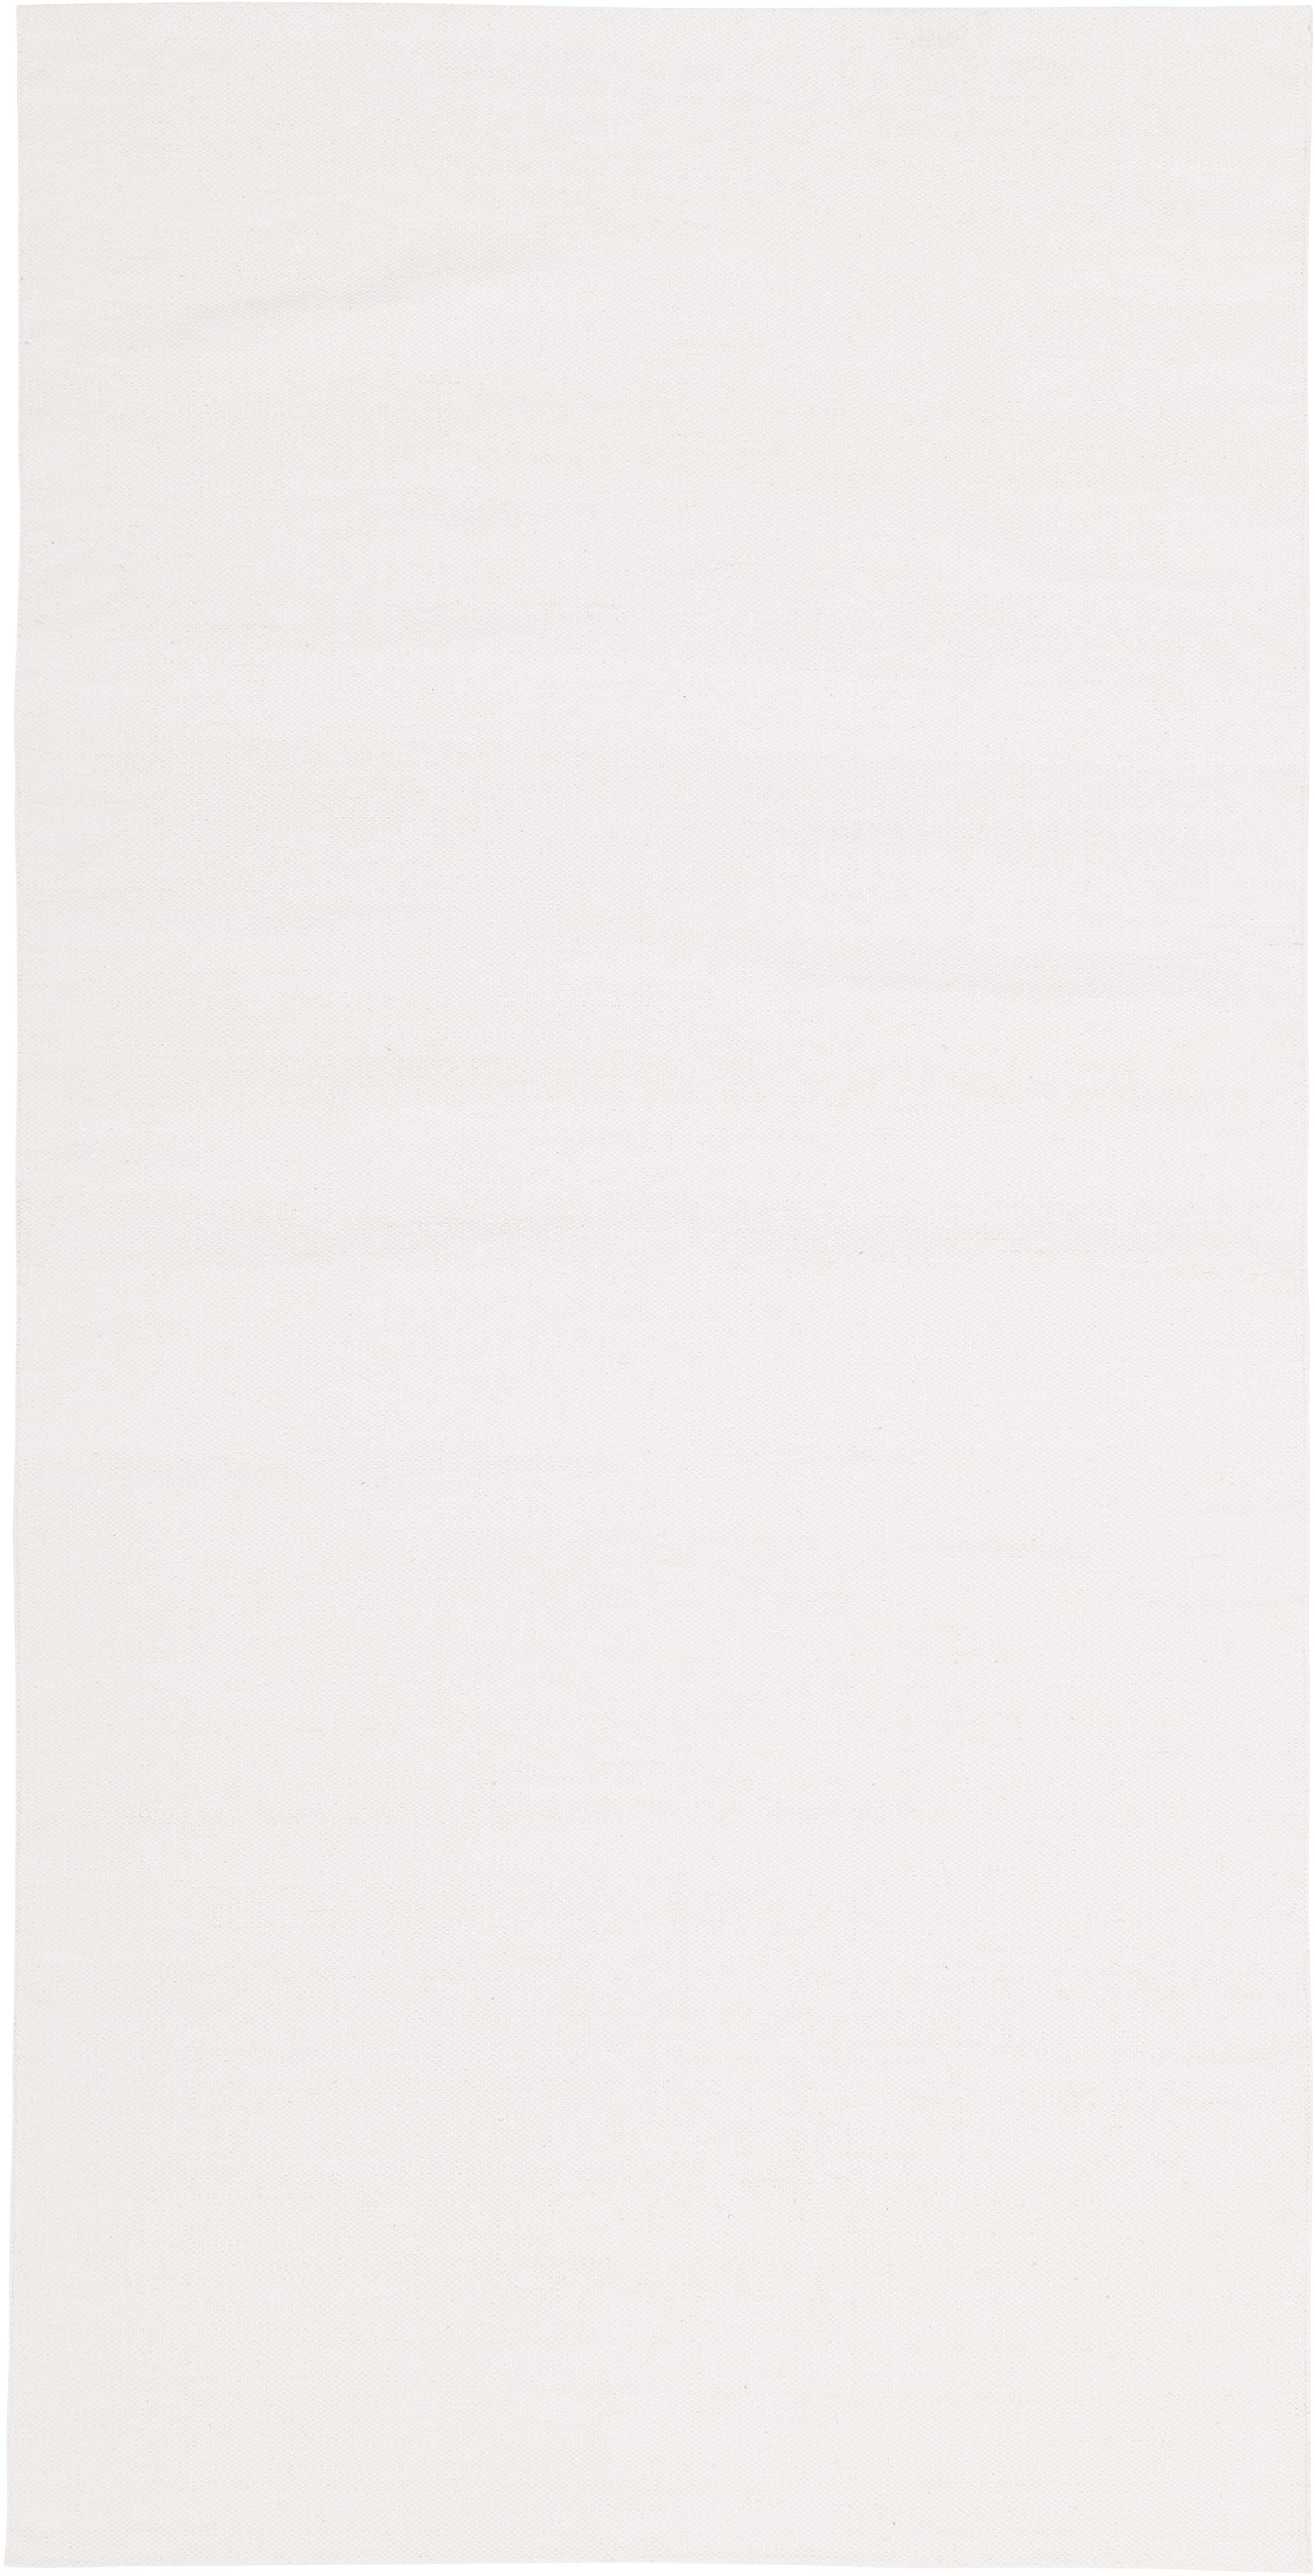 Dünner Baumwollteppich Agneta, handgewebt, 100% Baumwolle, Cremeweiß, B 70 x L 140 cm (Größe XS)